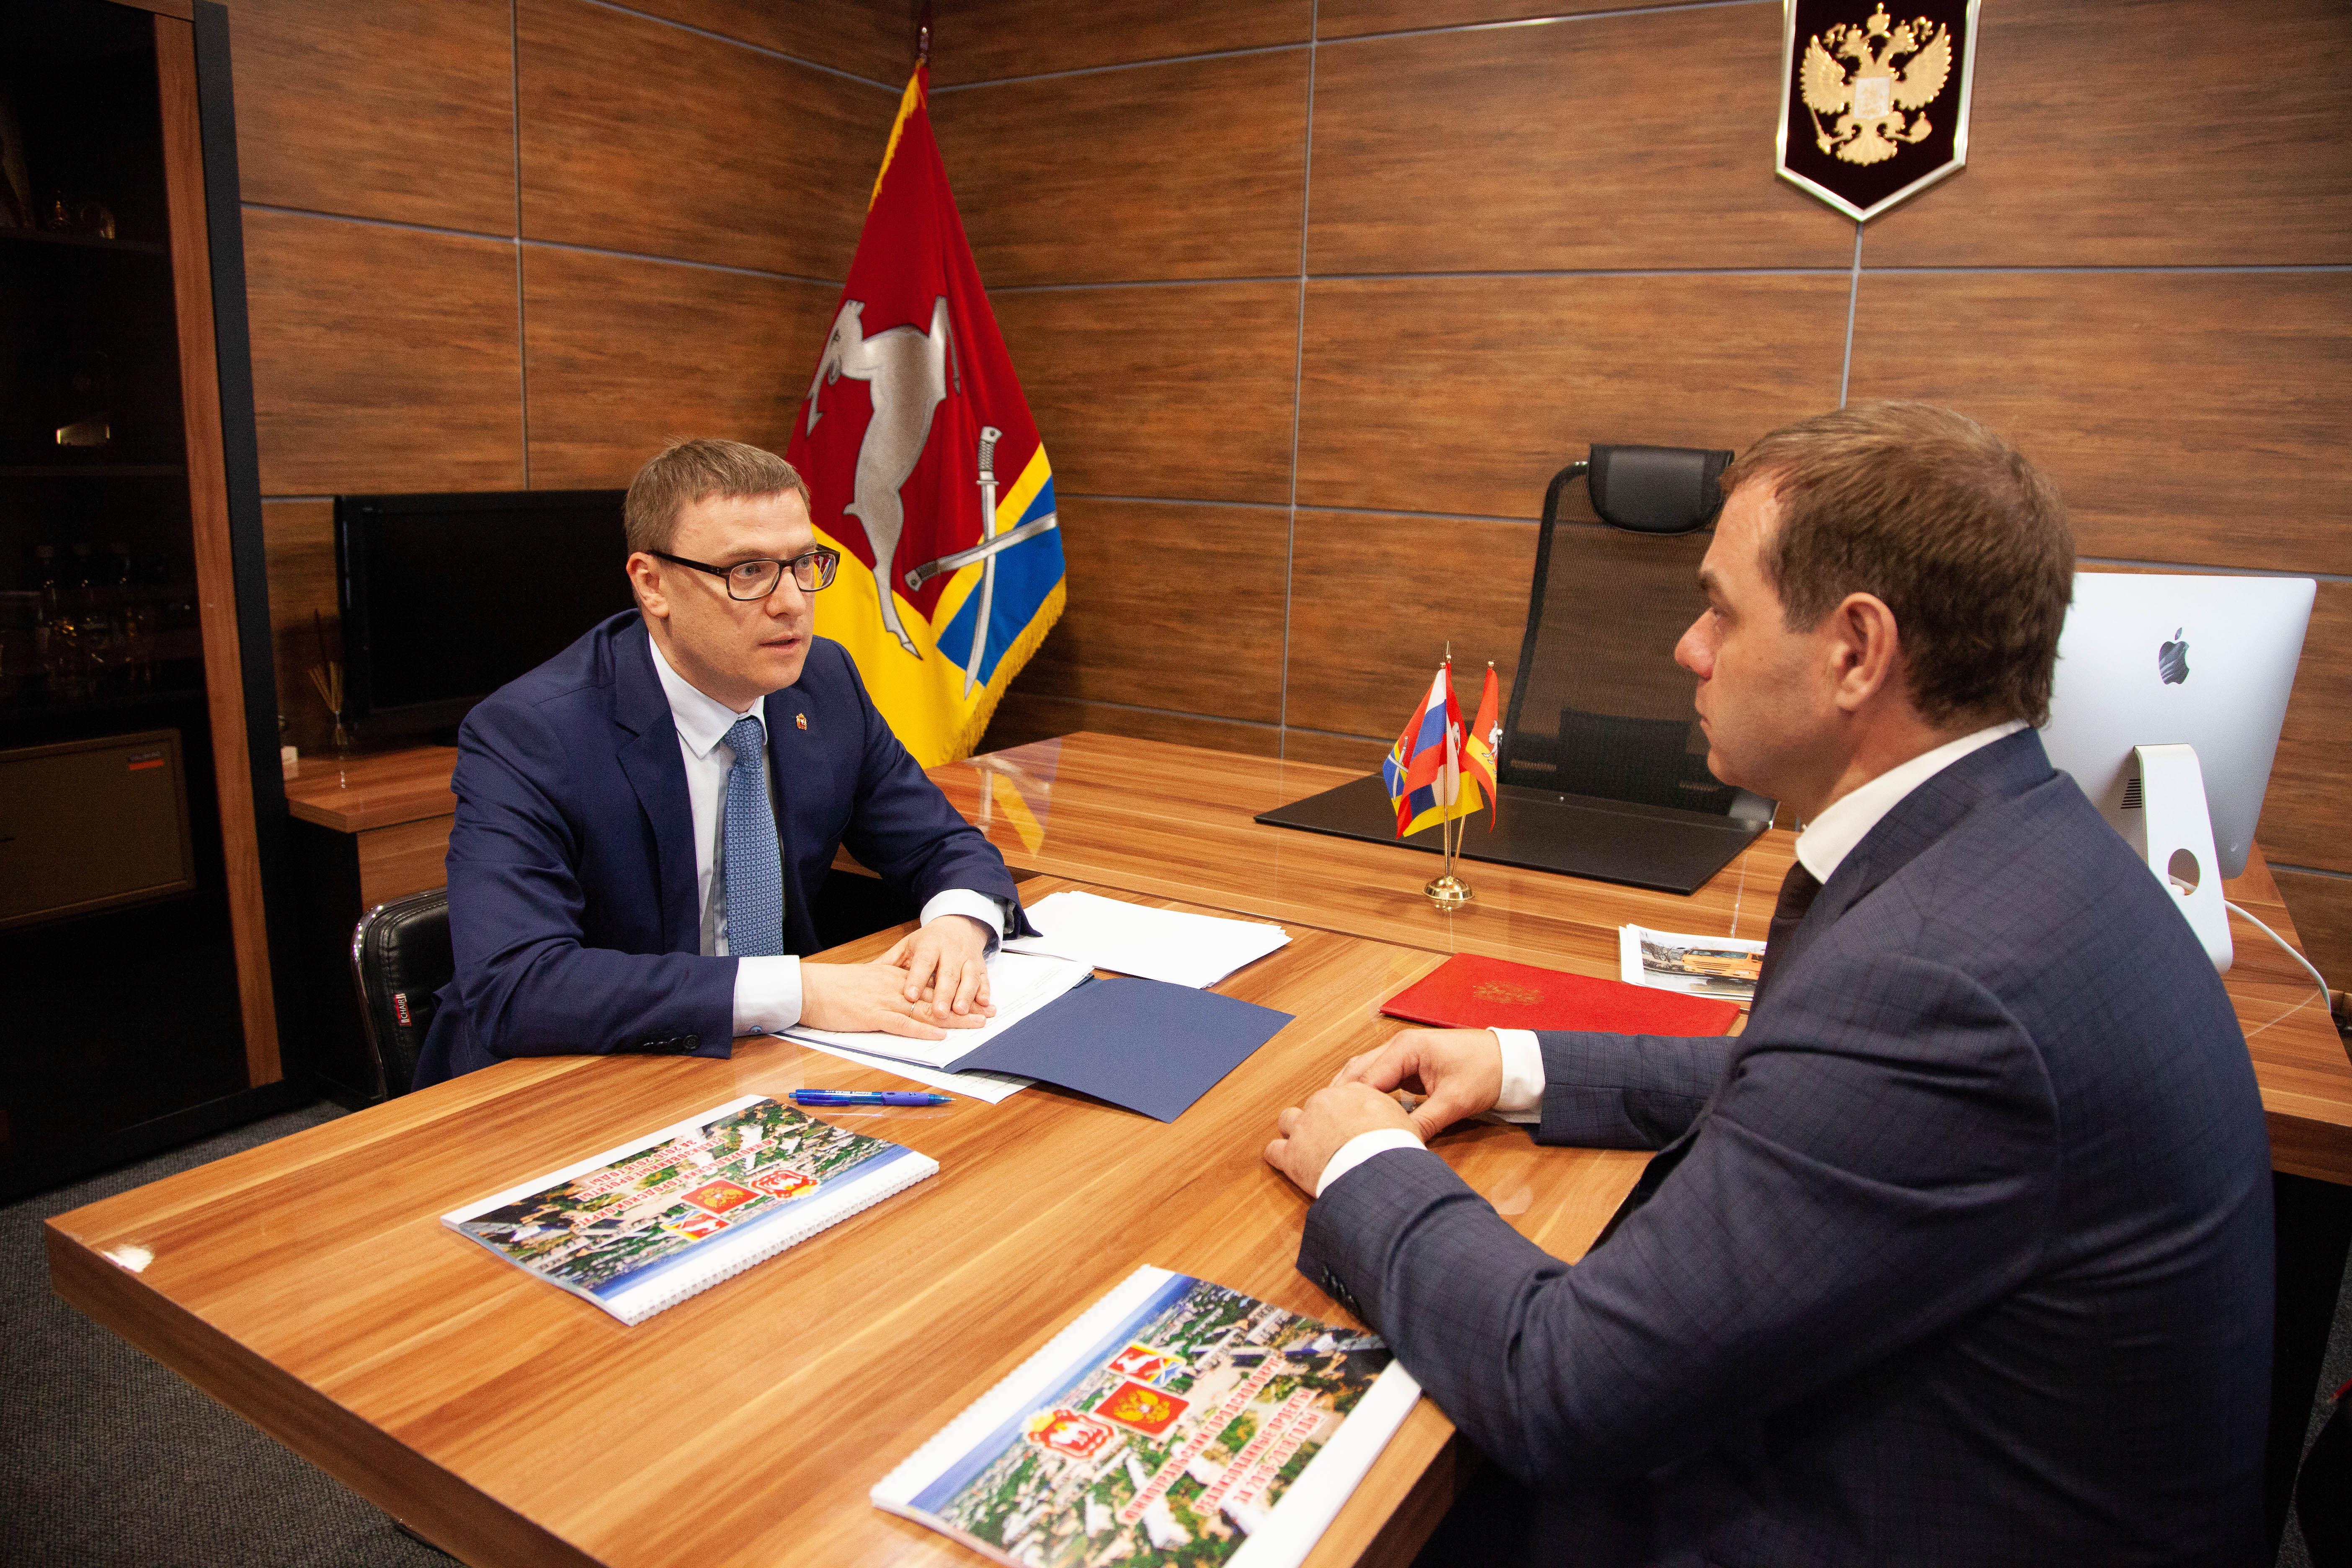 Глава Южноуральского городского округа Александр Лазарев получил свою папку с наказами от главы Ч